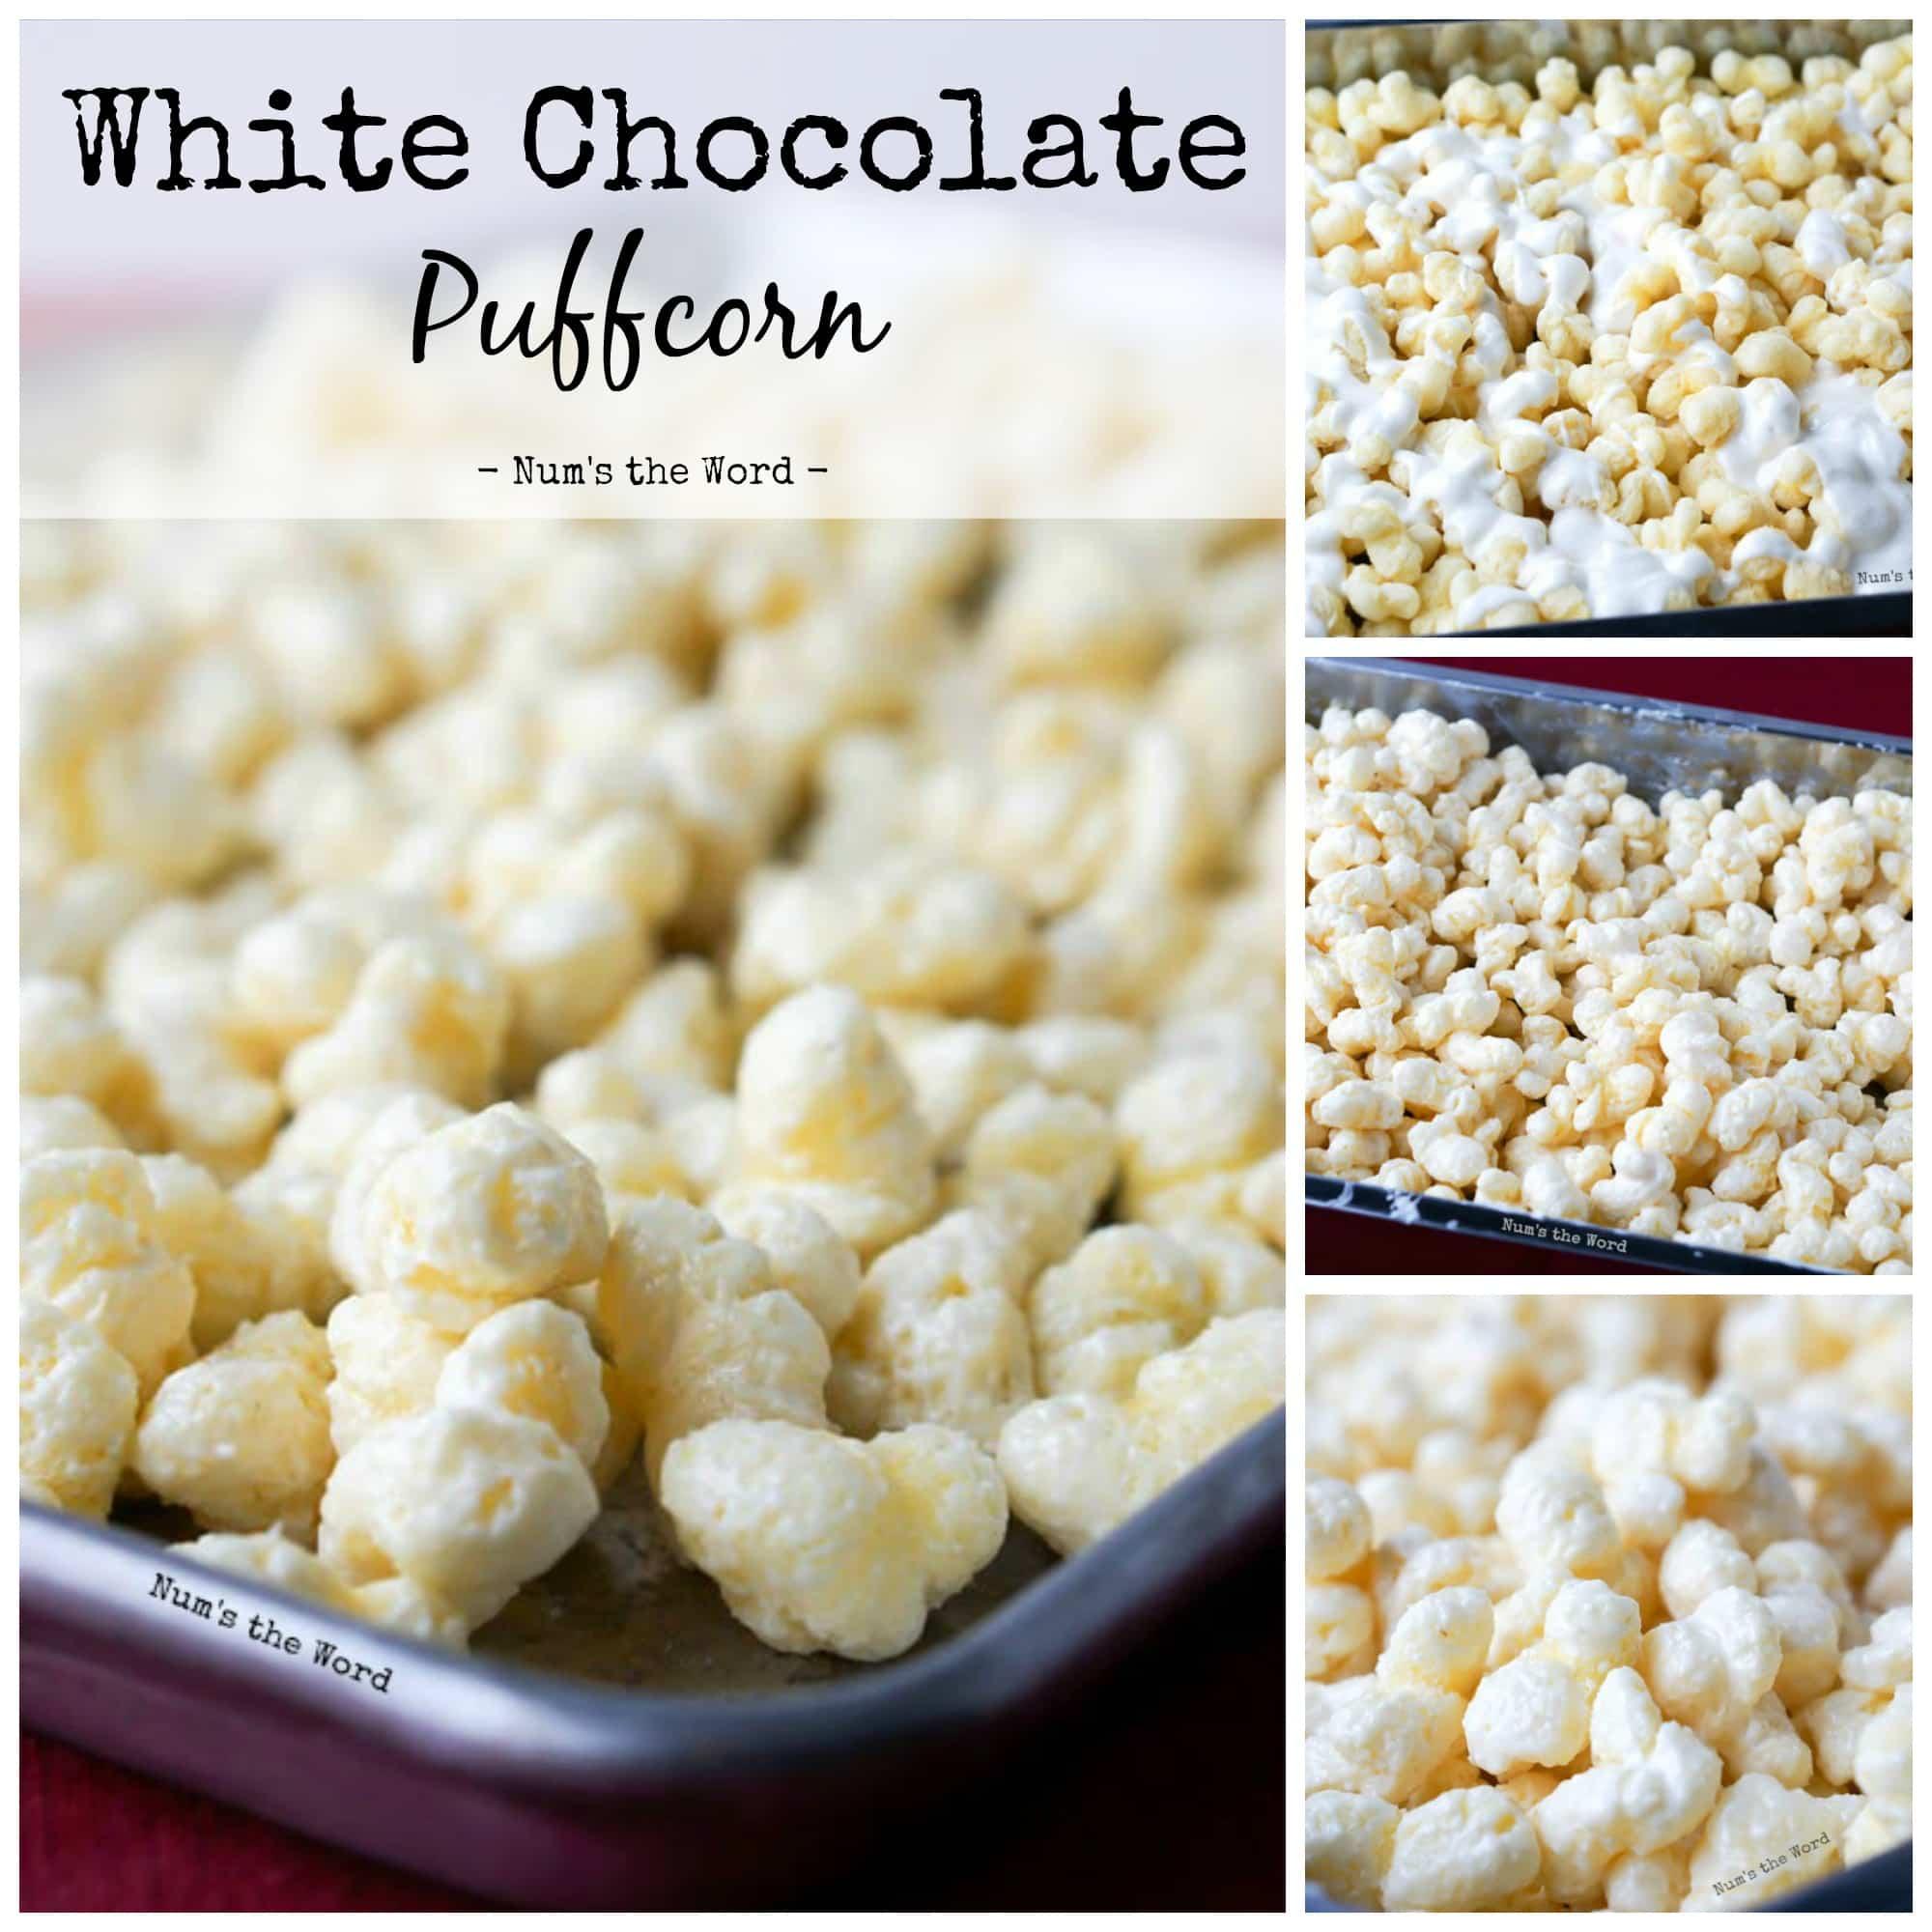 White Chocolate Puffcorn